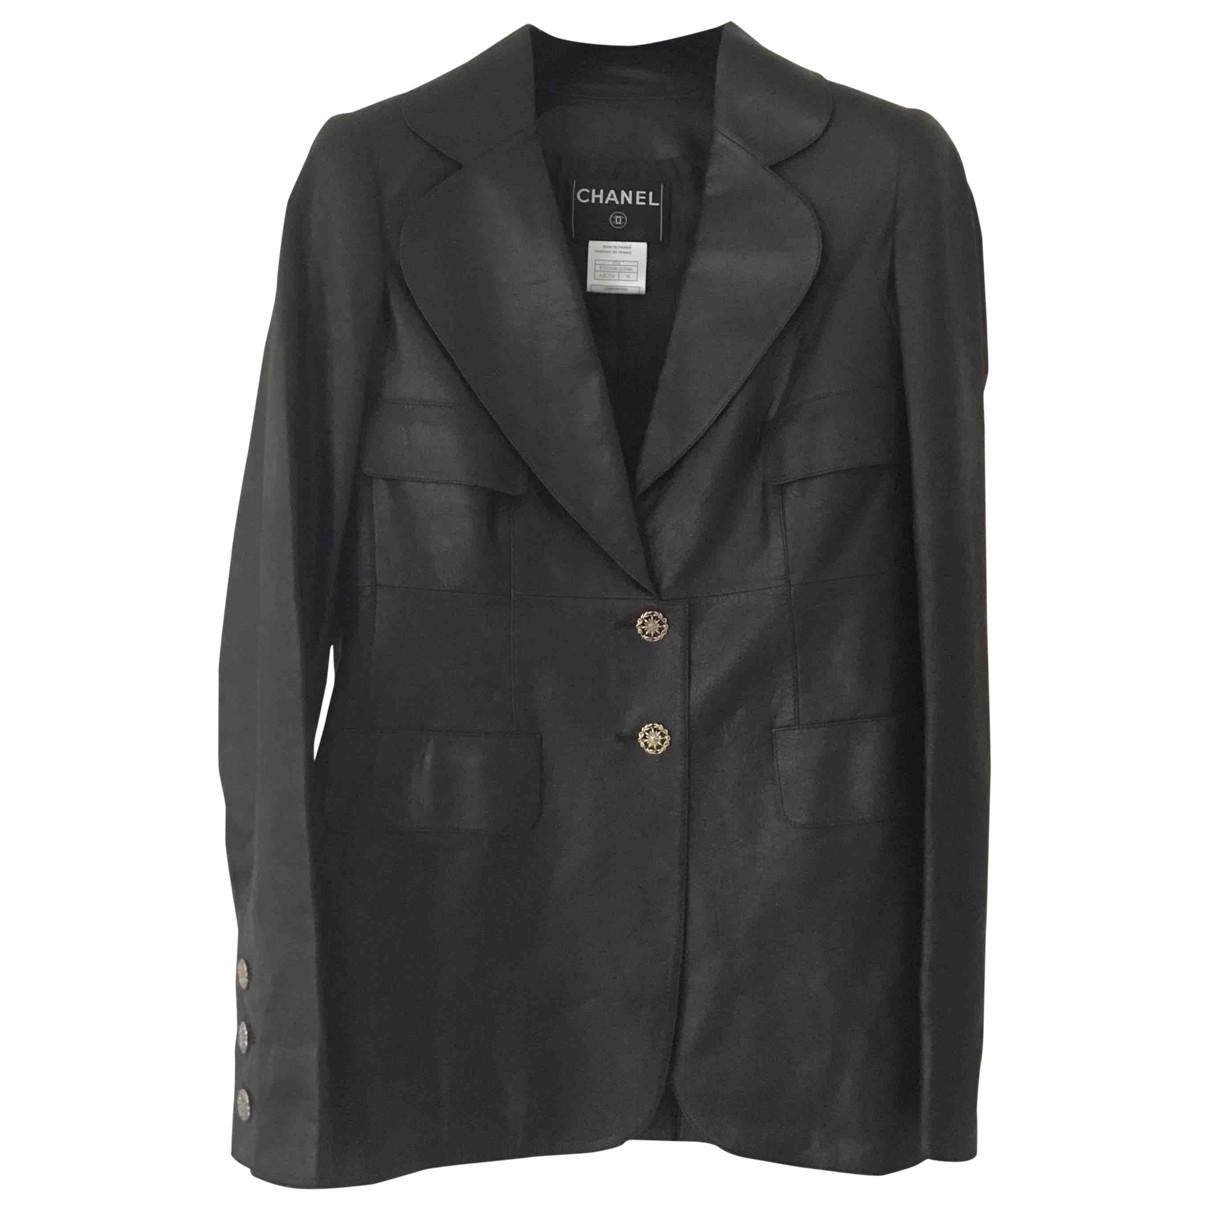 Chanel - Veste   pour femme en cuir - marron